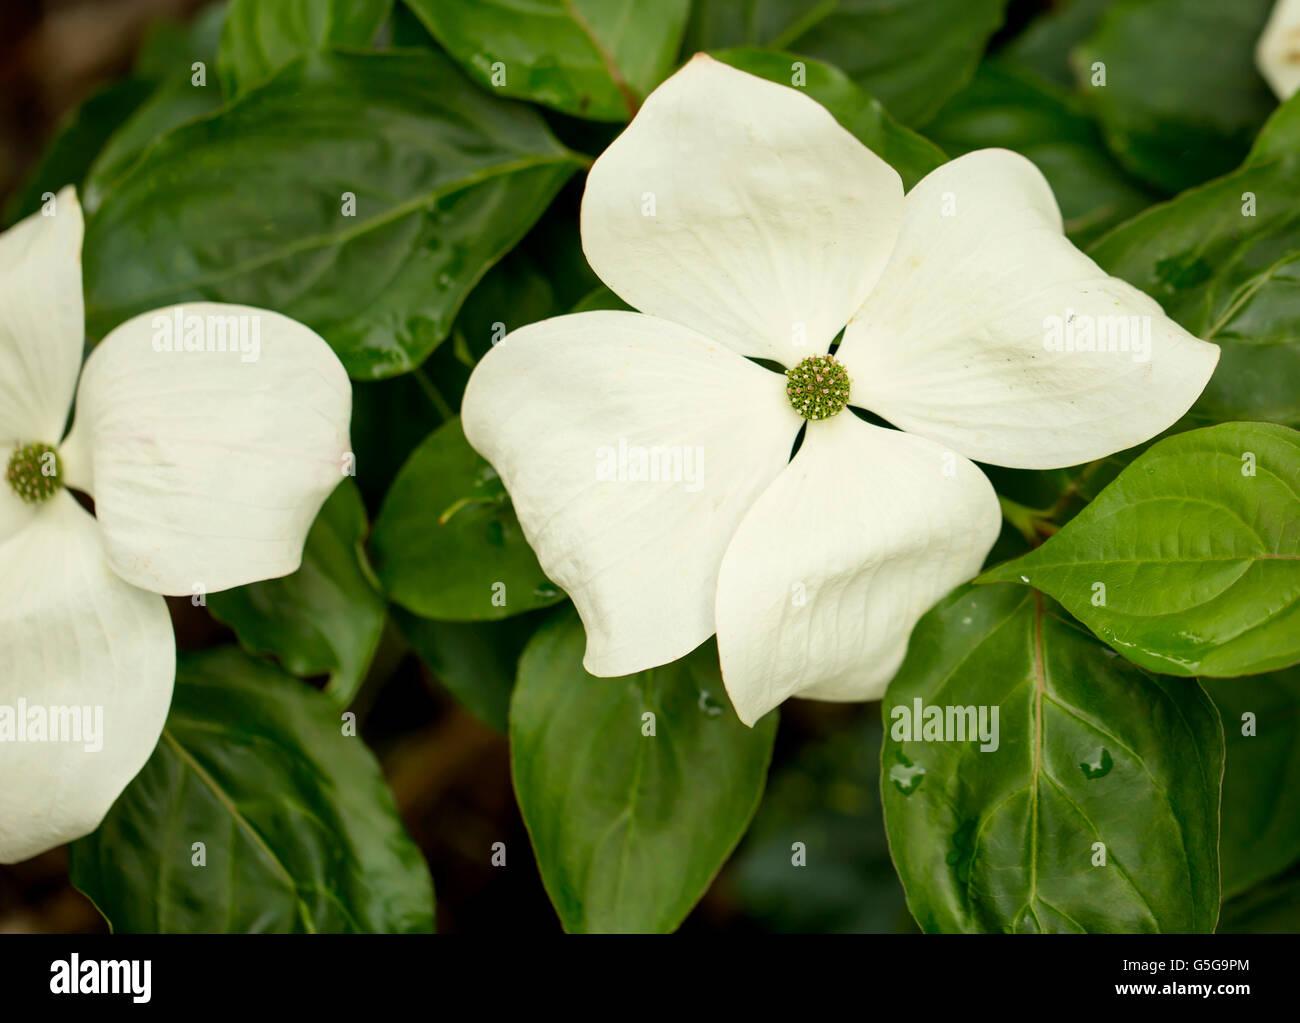 Asombroso Uñas Flor Blanca Patrón - Ideas Para Esmaltes - aroson.com